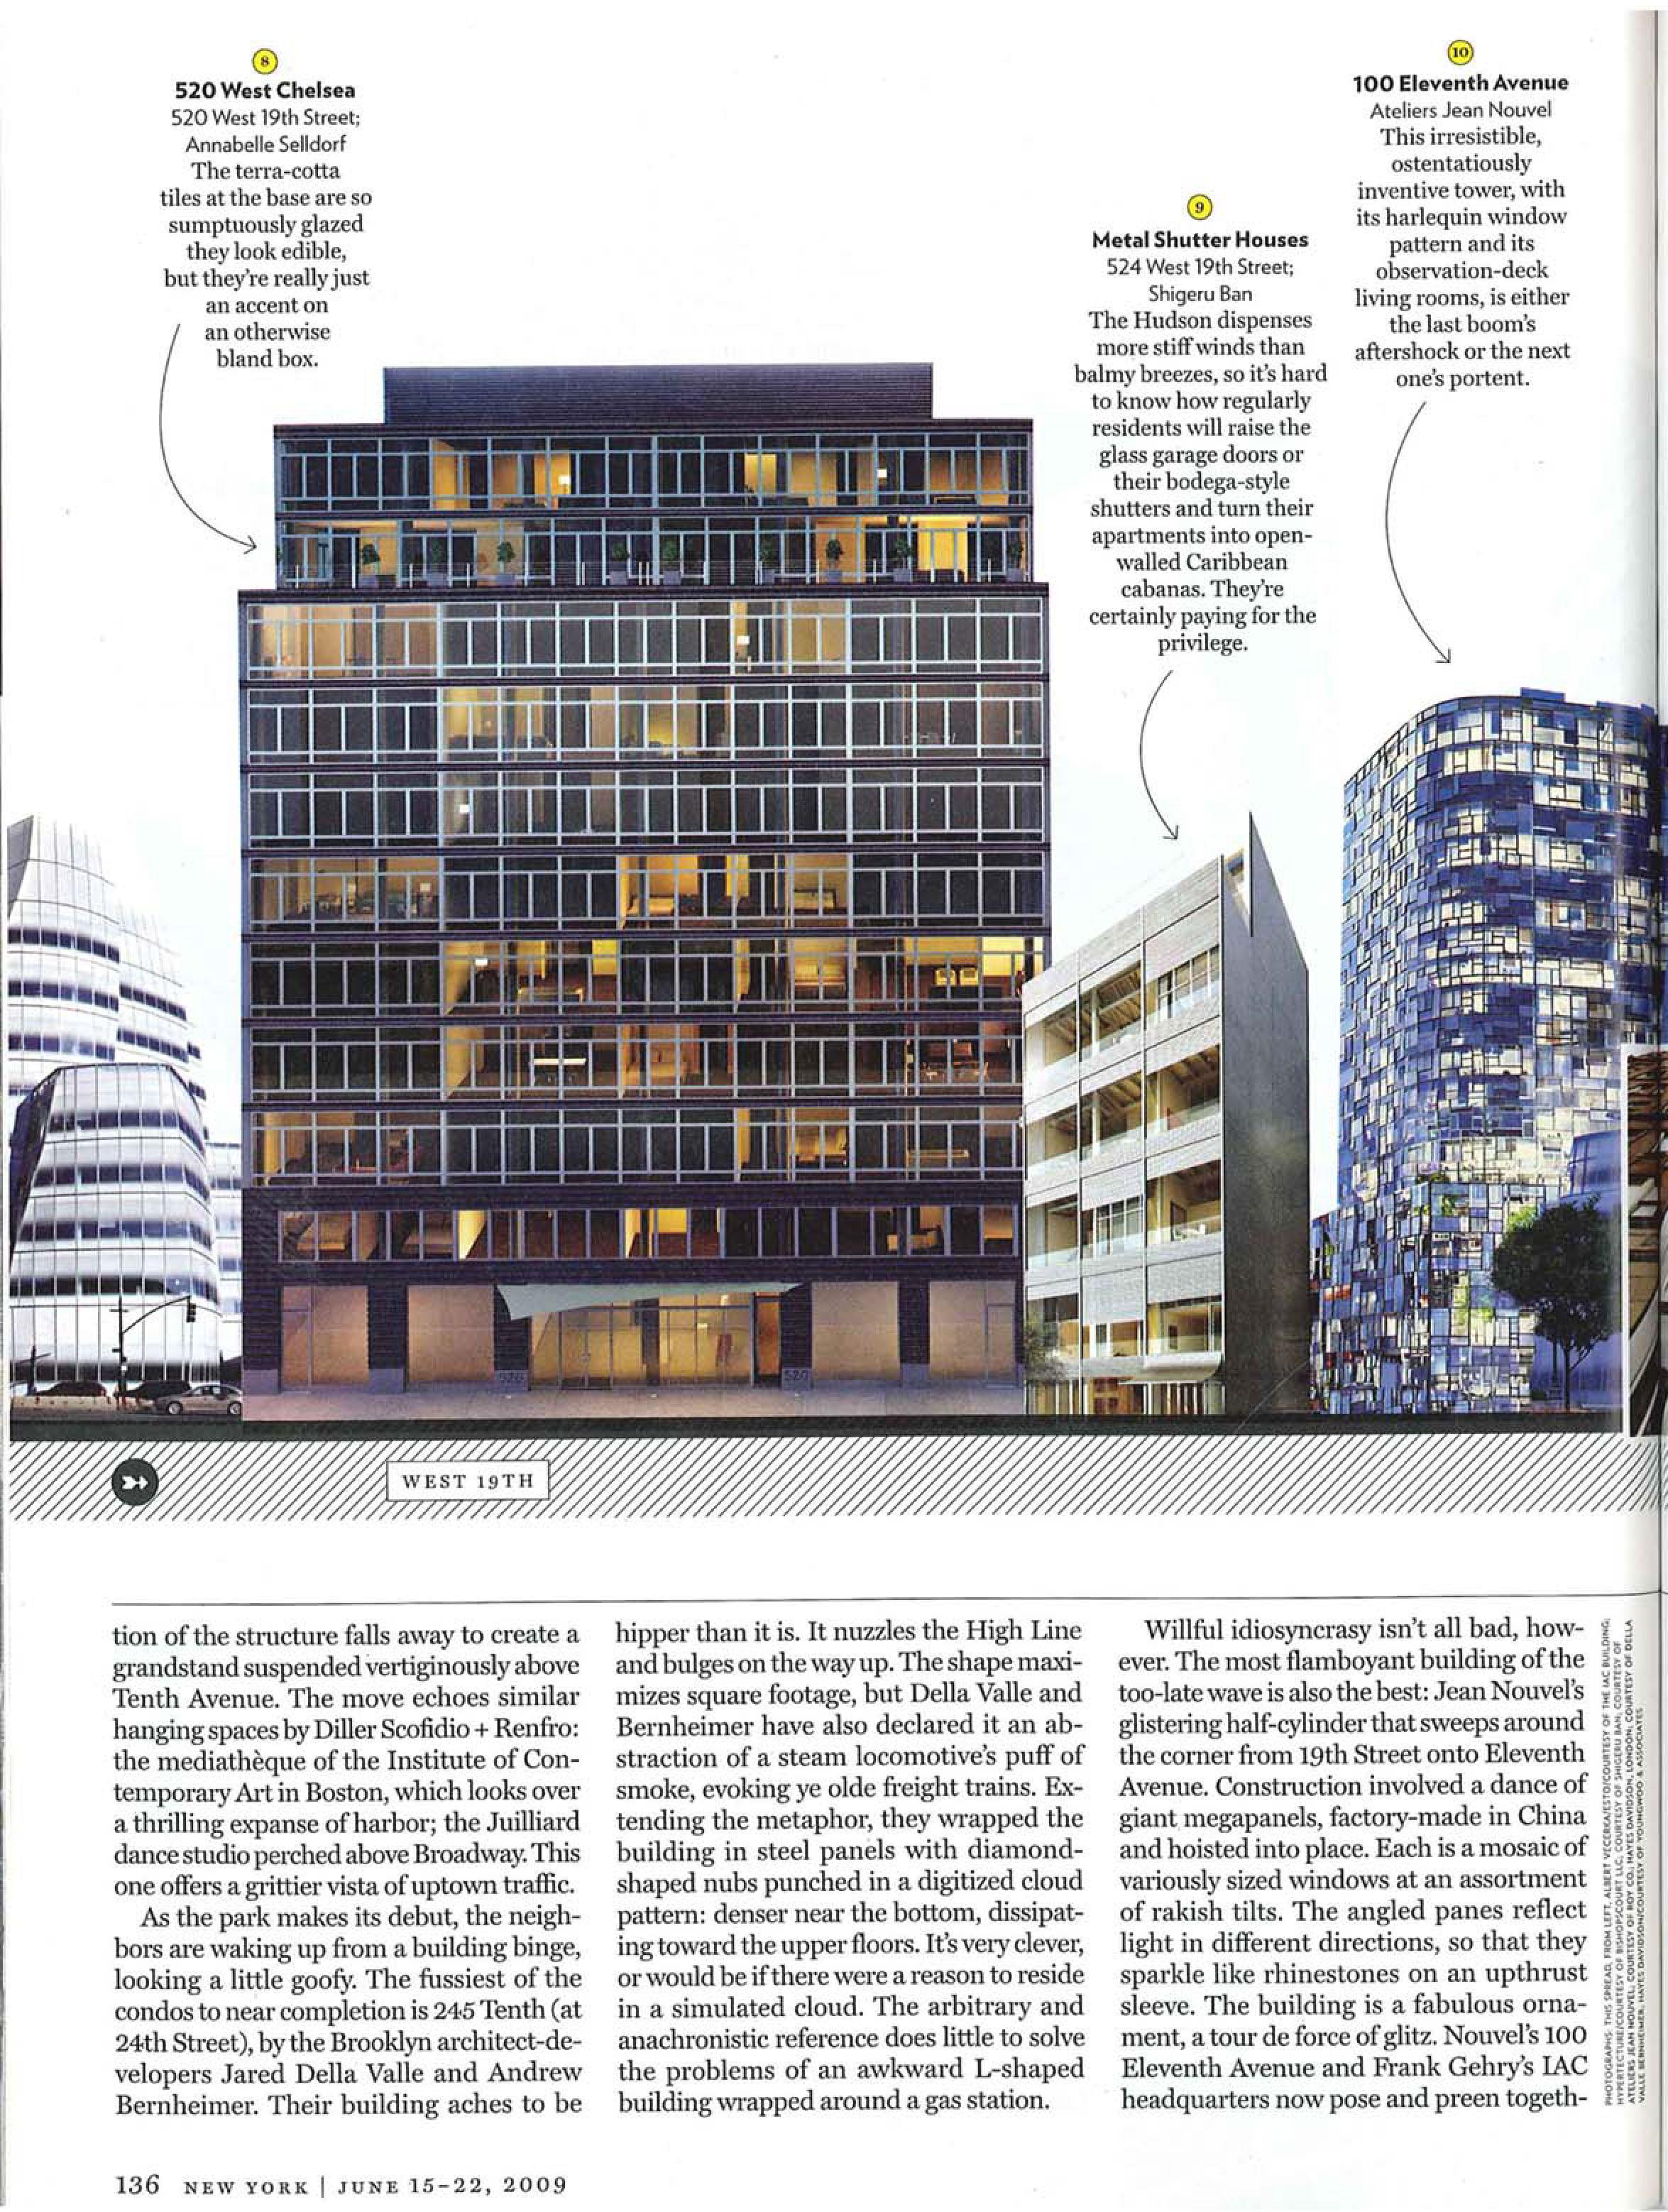 2009Jun-NYMag-Elevated-4.jpg